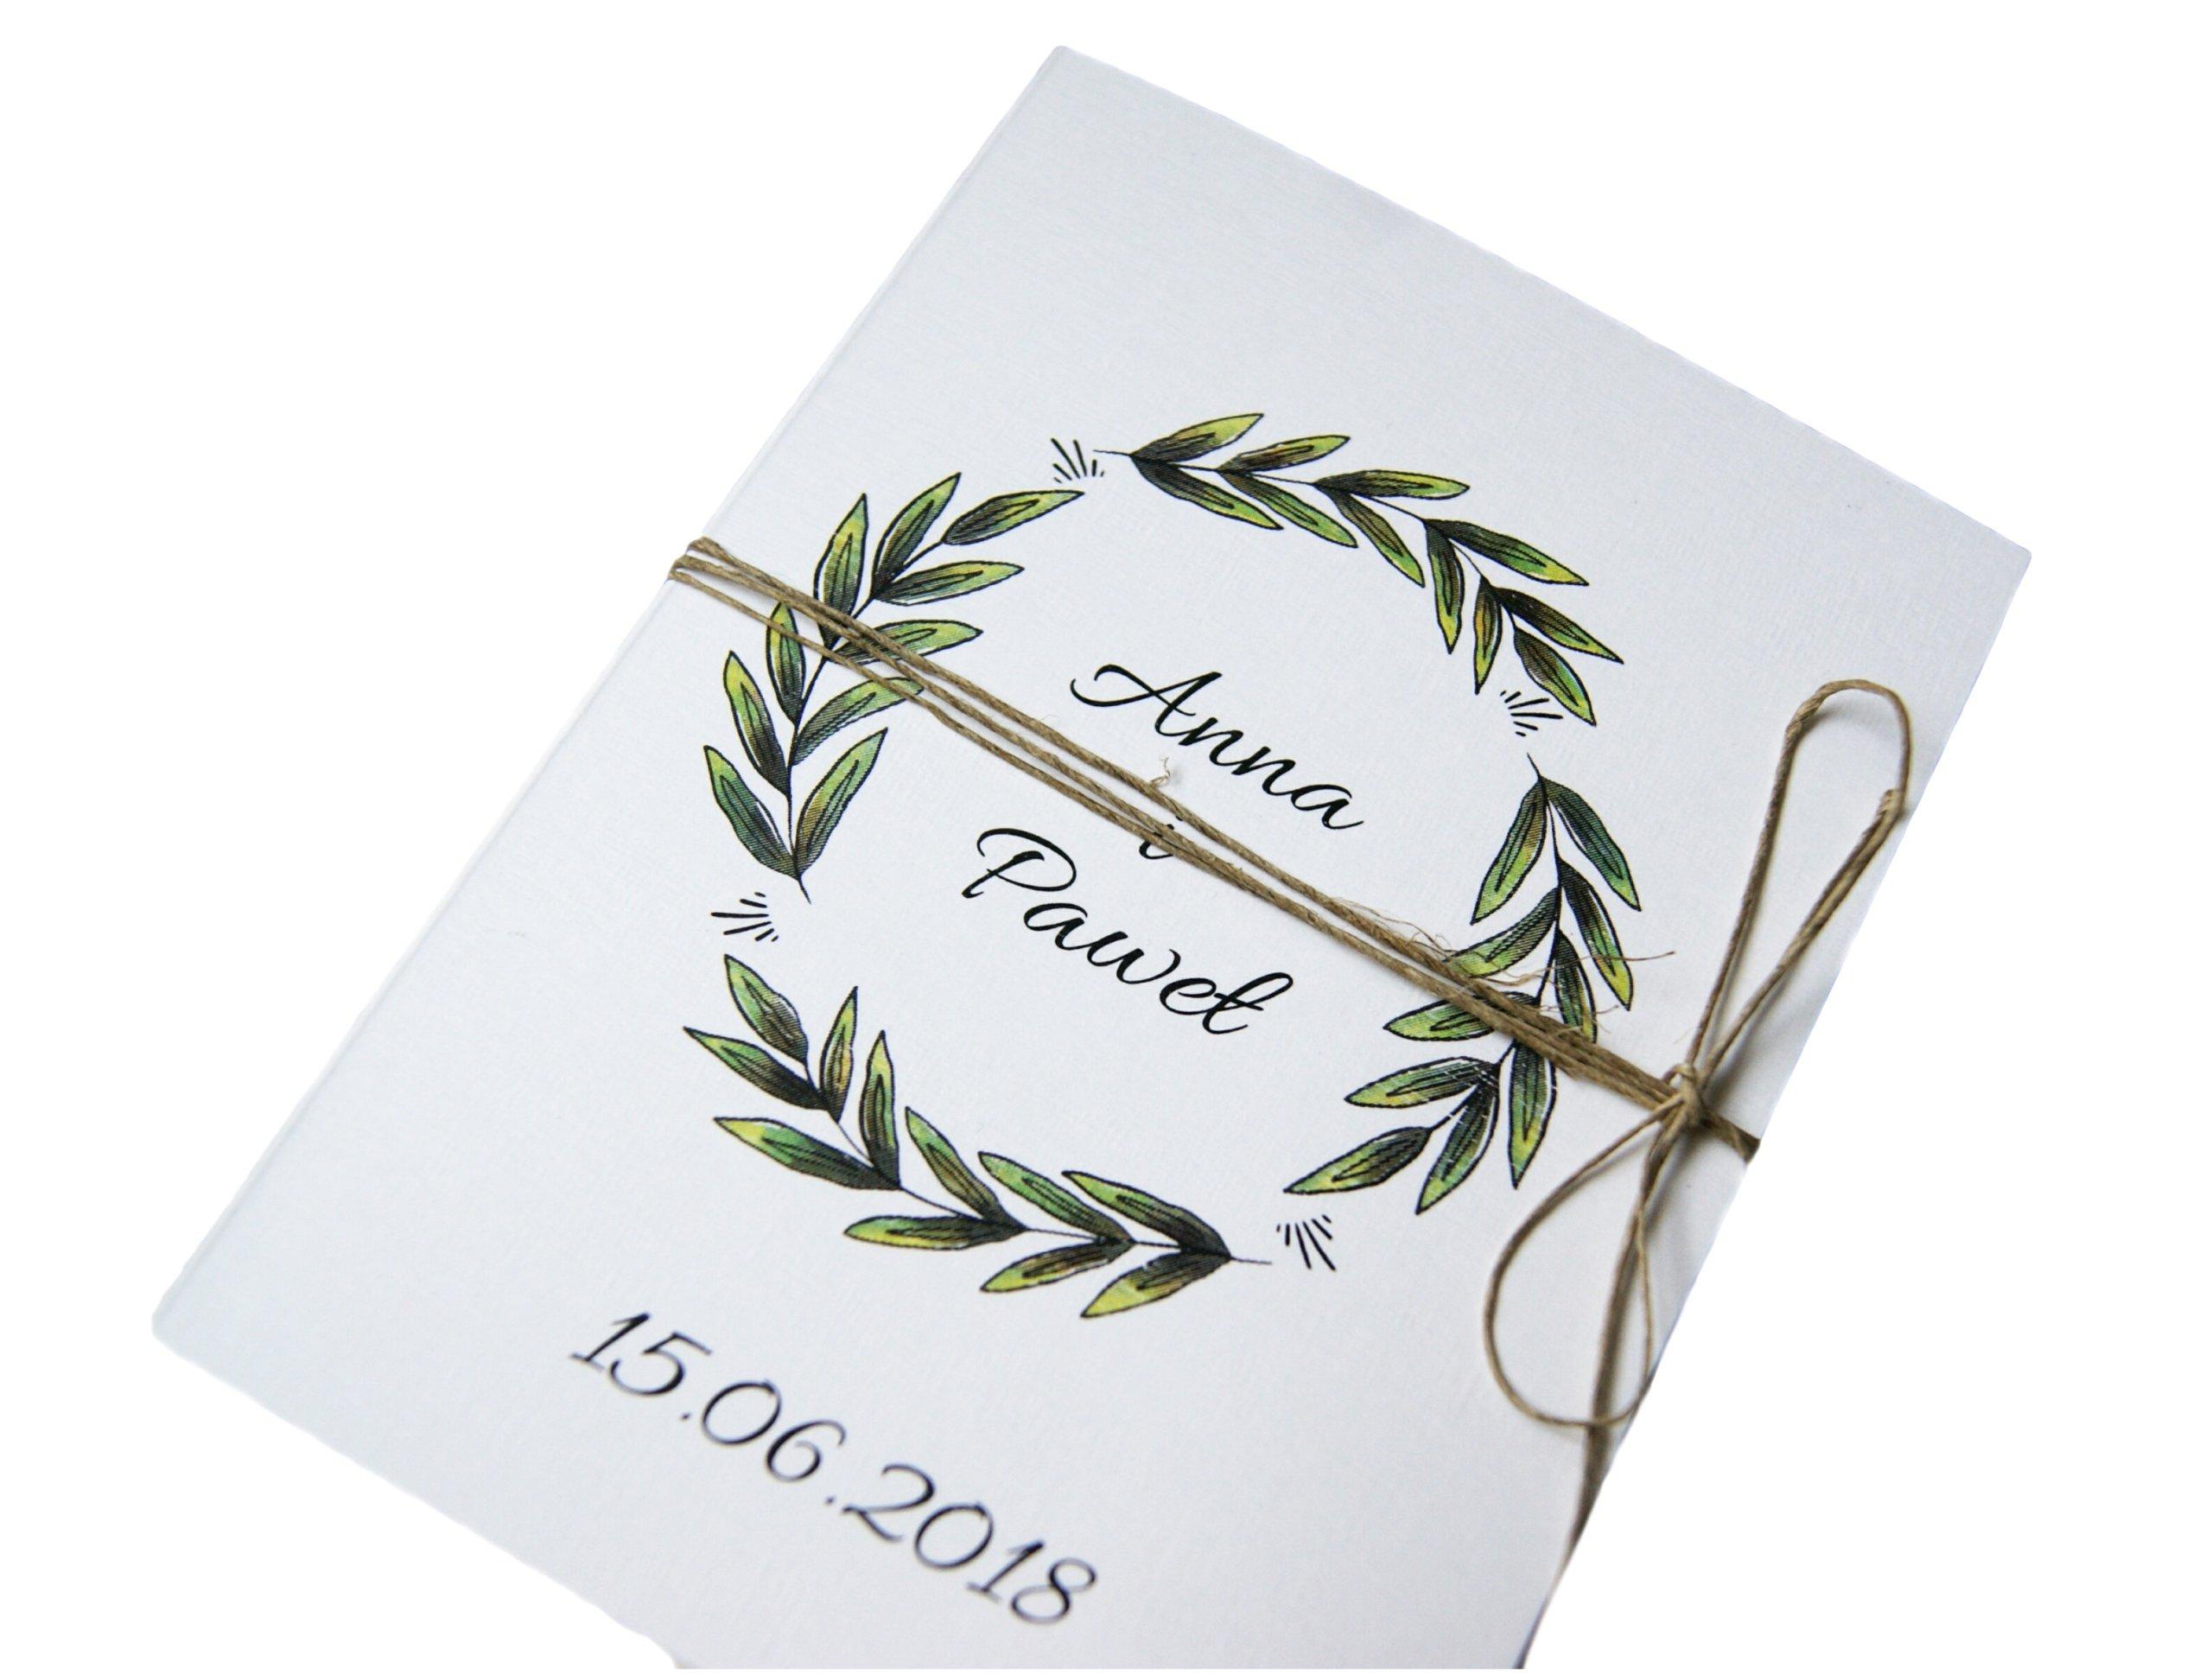 Zaproszenia ślubne Rustykalne Botaniczne Sznurek 7115194996